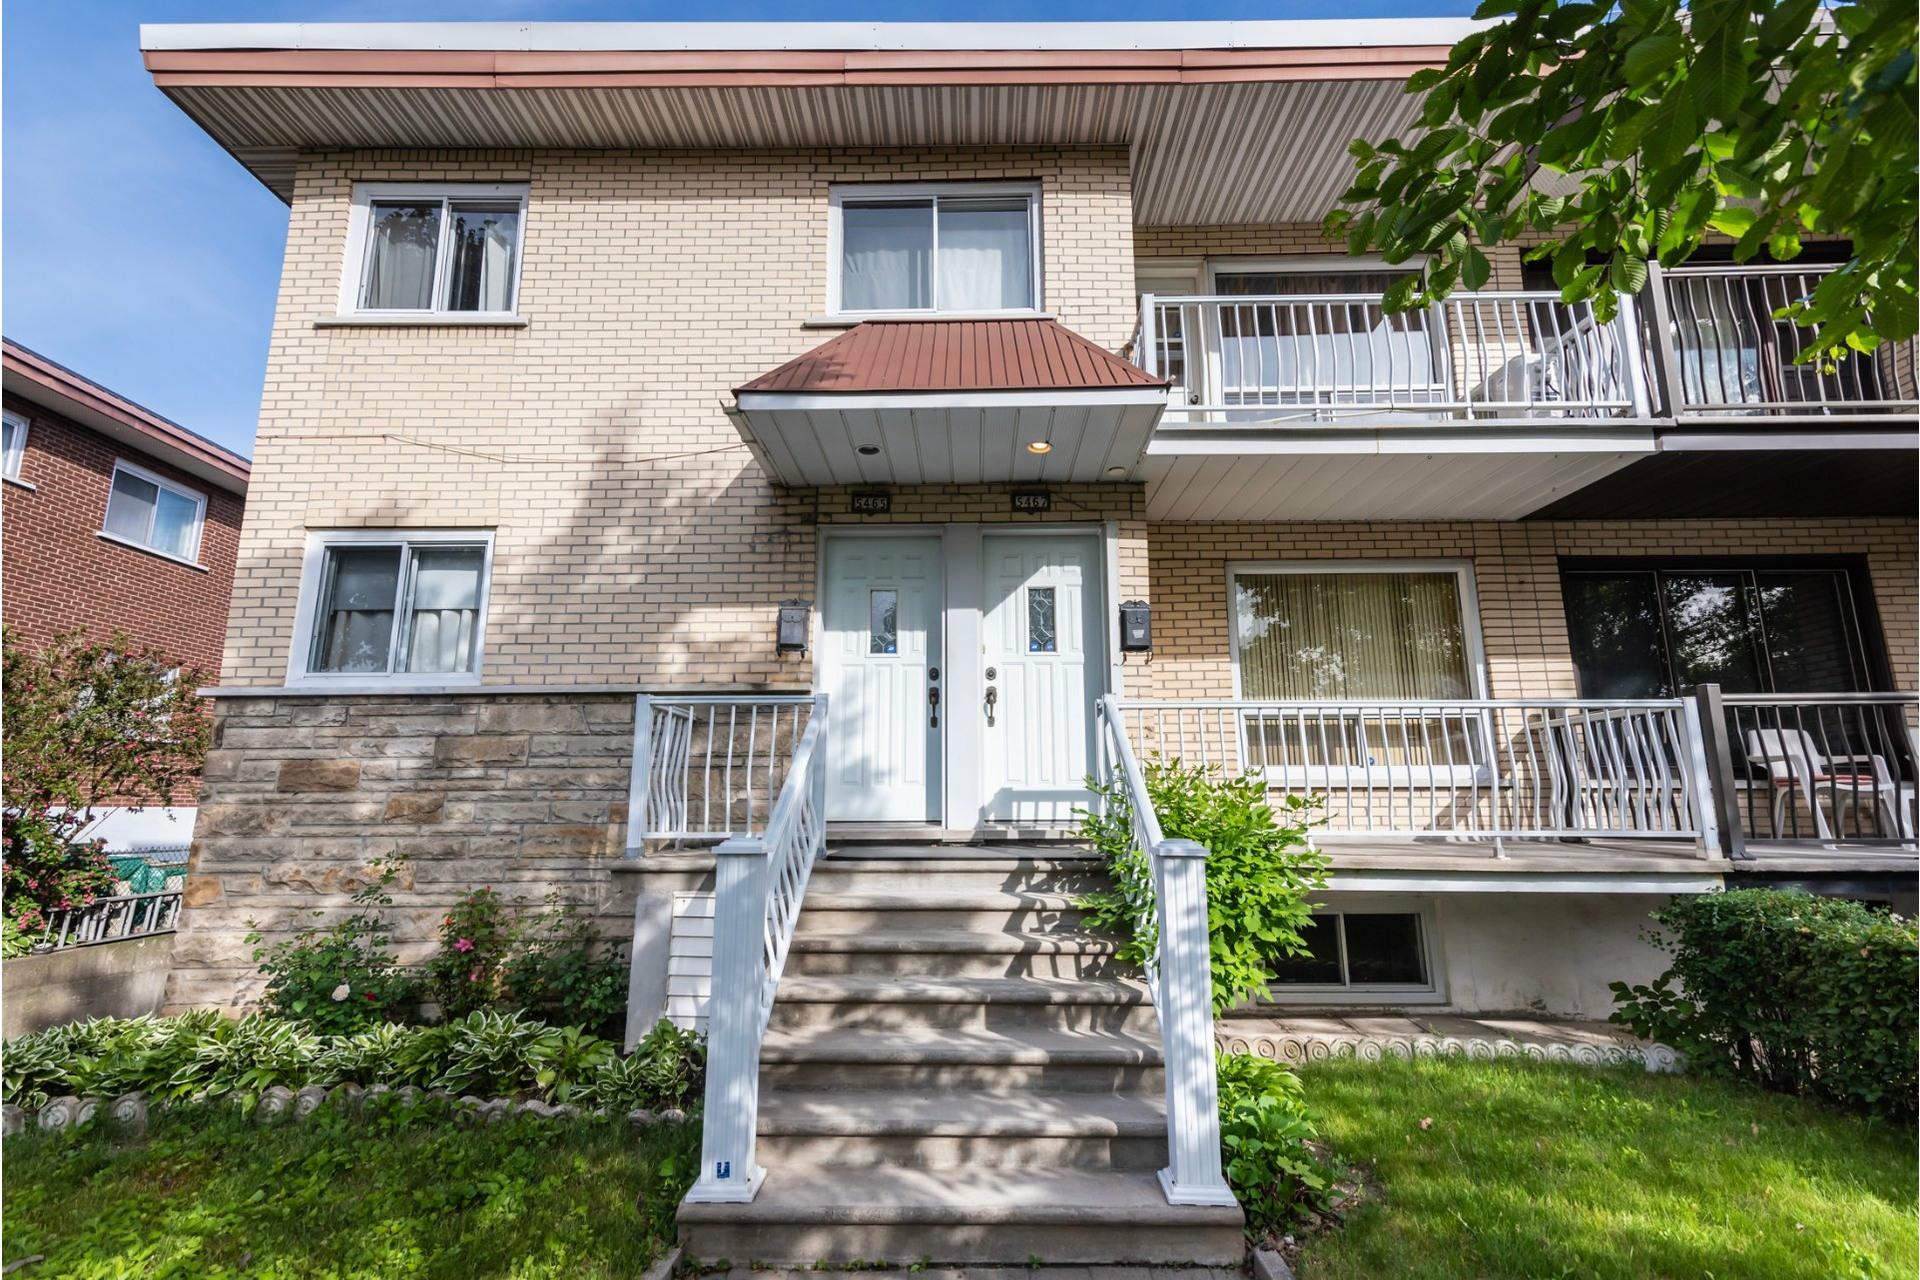 image 2 - Duplex For sale Saint-Léonard Montréal  - 9 rooms